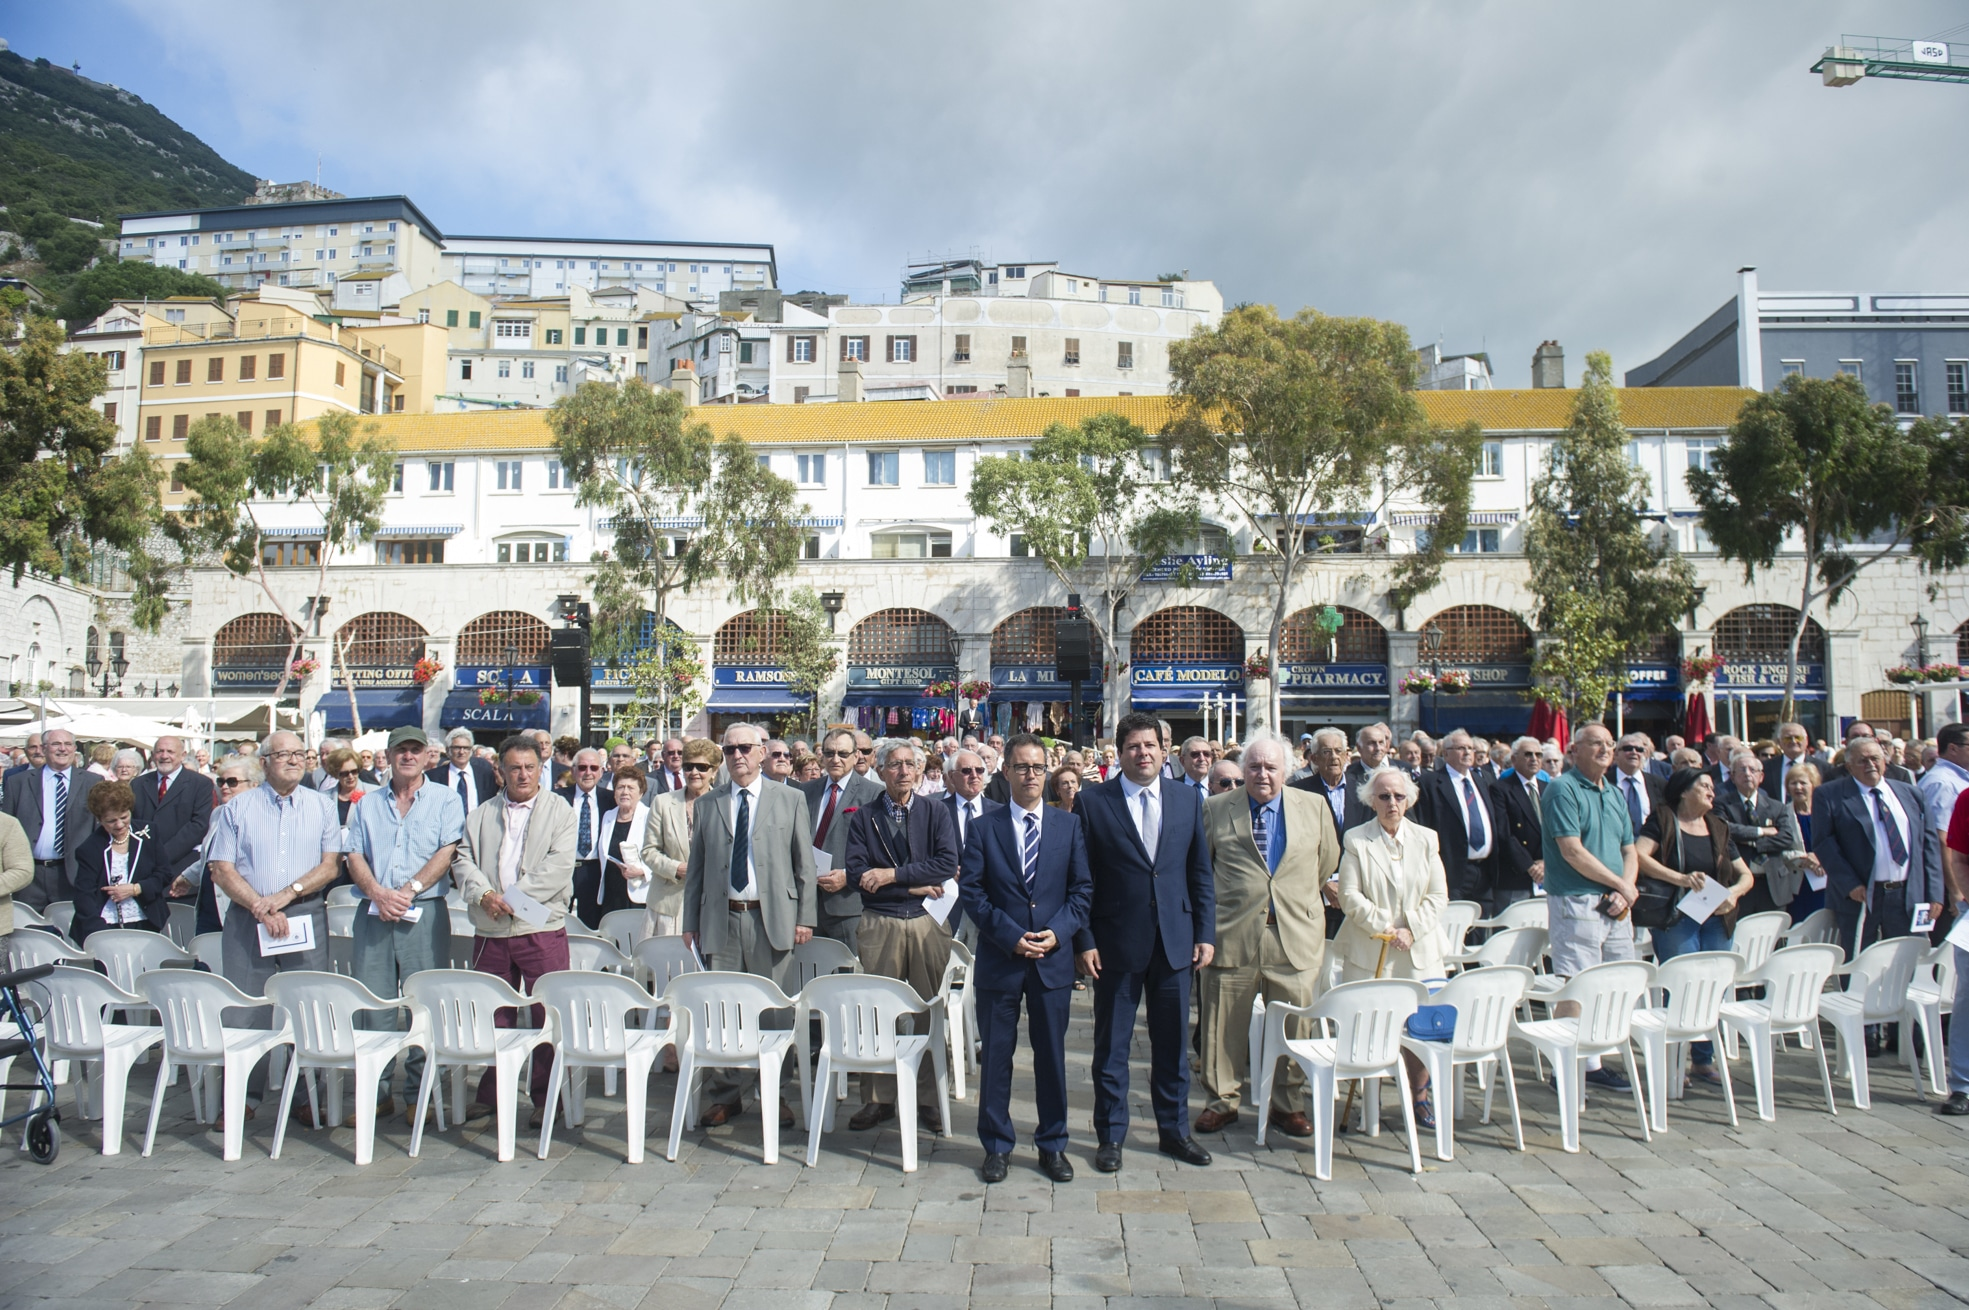 ceremonia-75-anos-evacuacion-gibraltar-22052015-11_17372617674_o